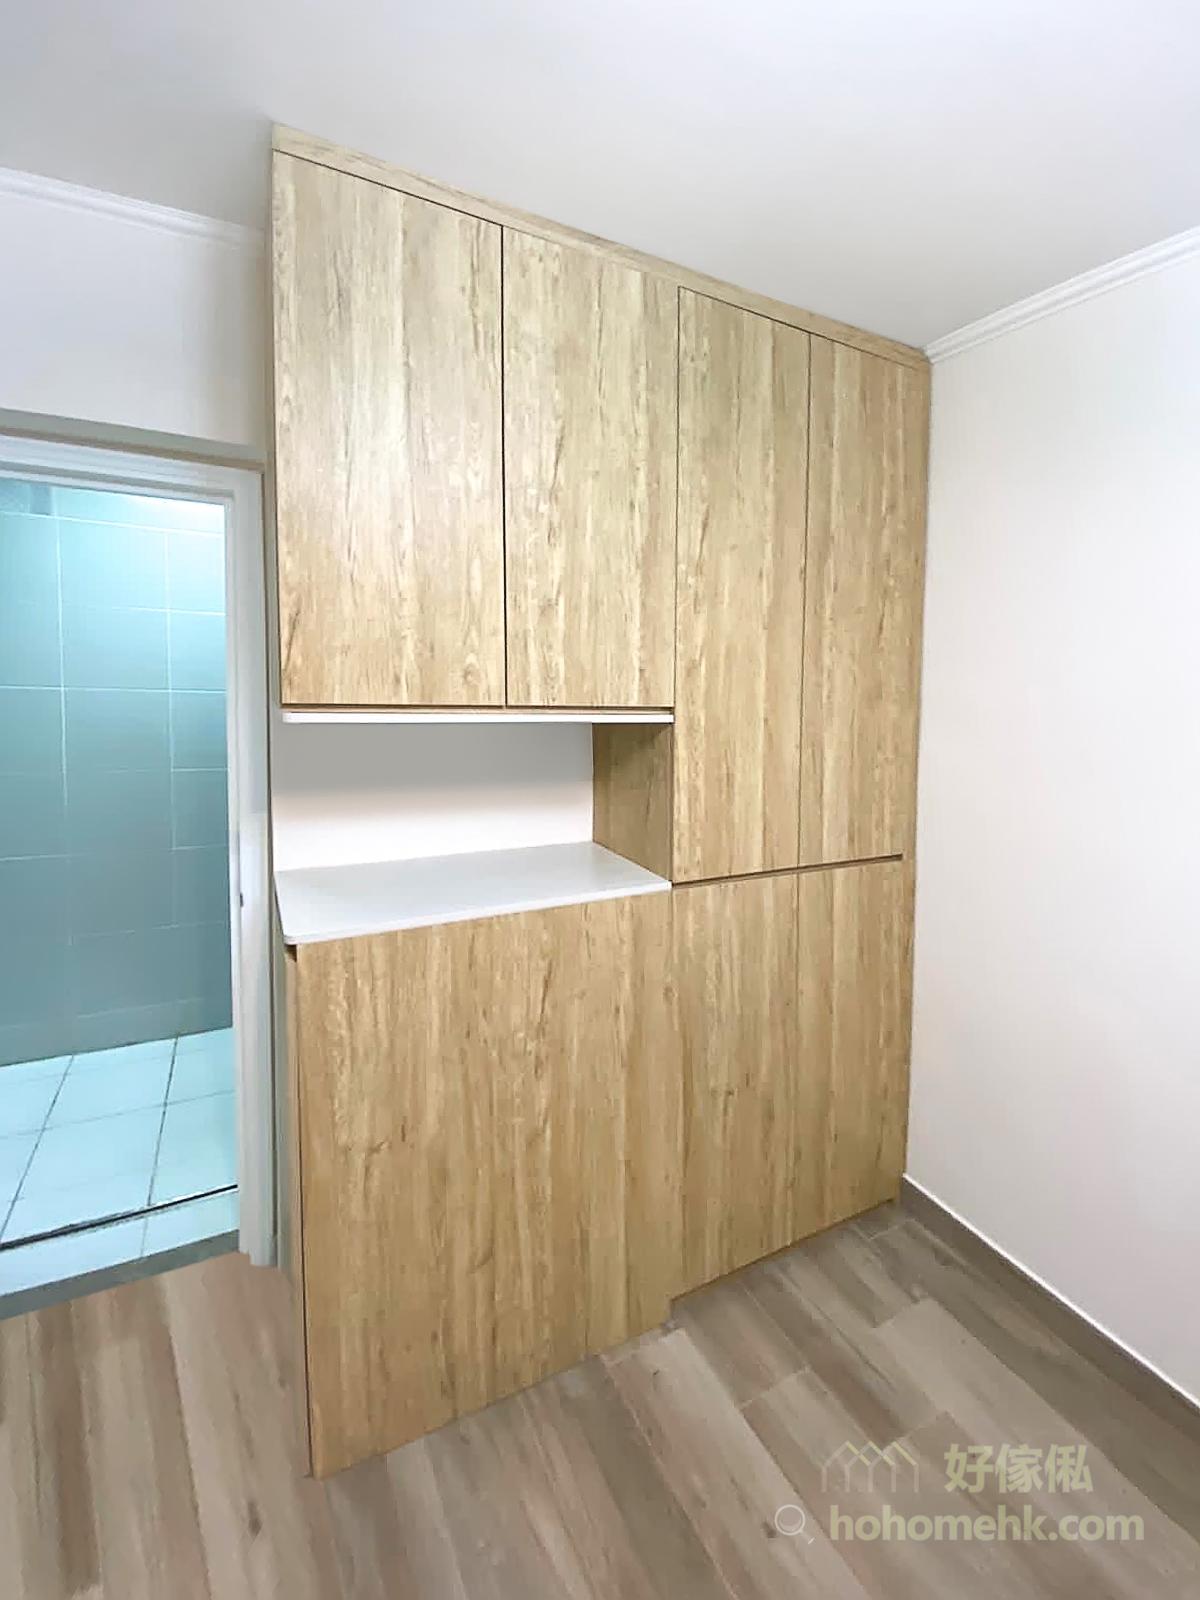 訂造玄關櫃就可以避開地腳線和天花線,收口後櫃身與牆壁之間沒有縫隙,不會藏污納垢,也不會成為蚊蟲的滋生地